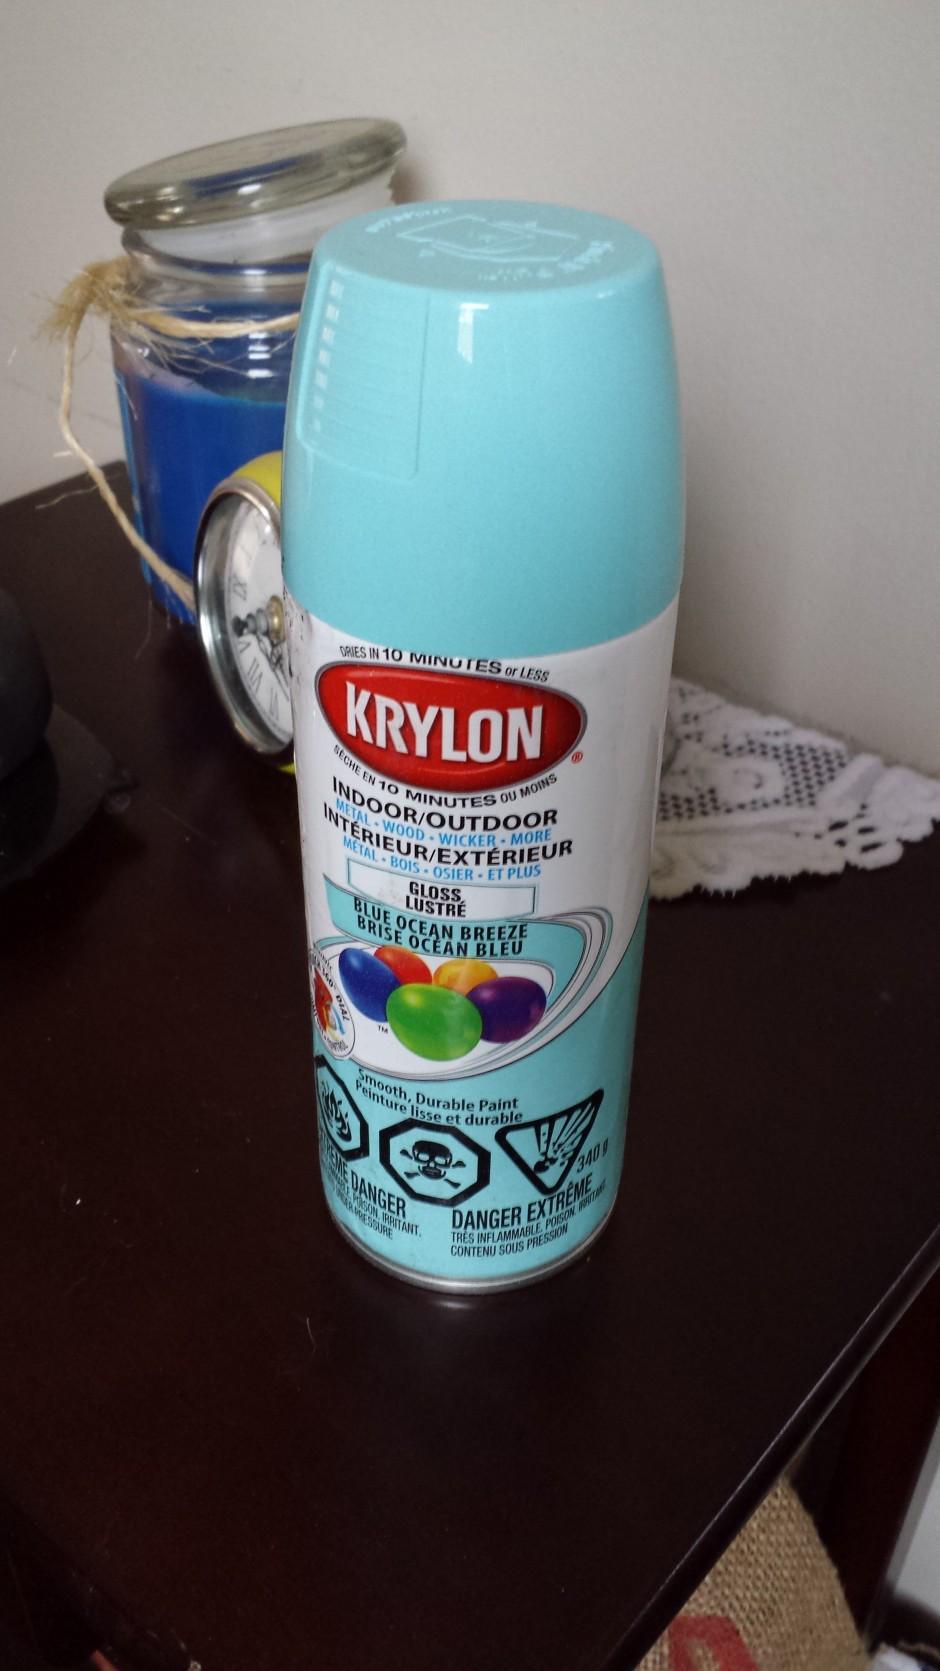 Krylon Indoor/Outdoor Blue Ocean Breeze